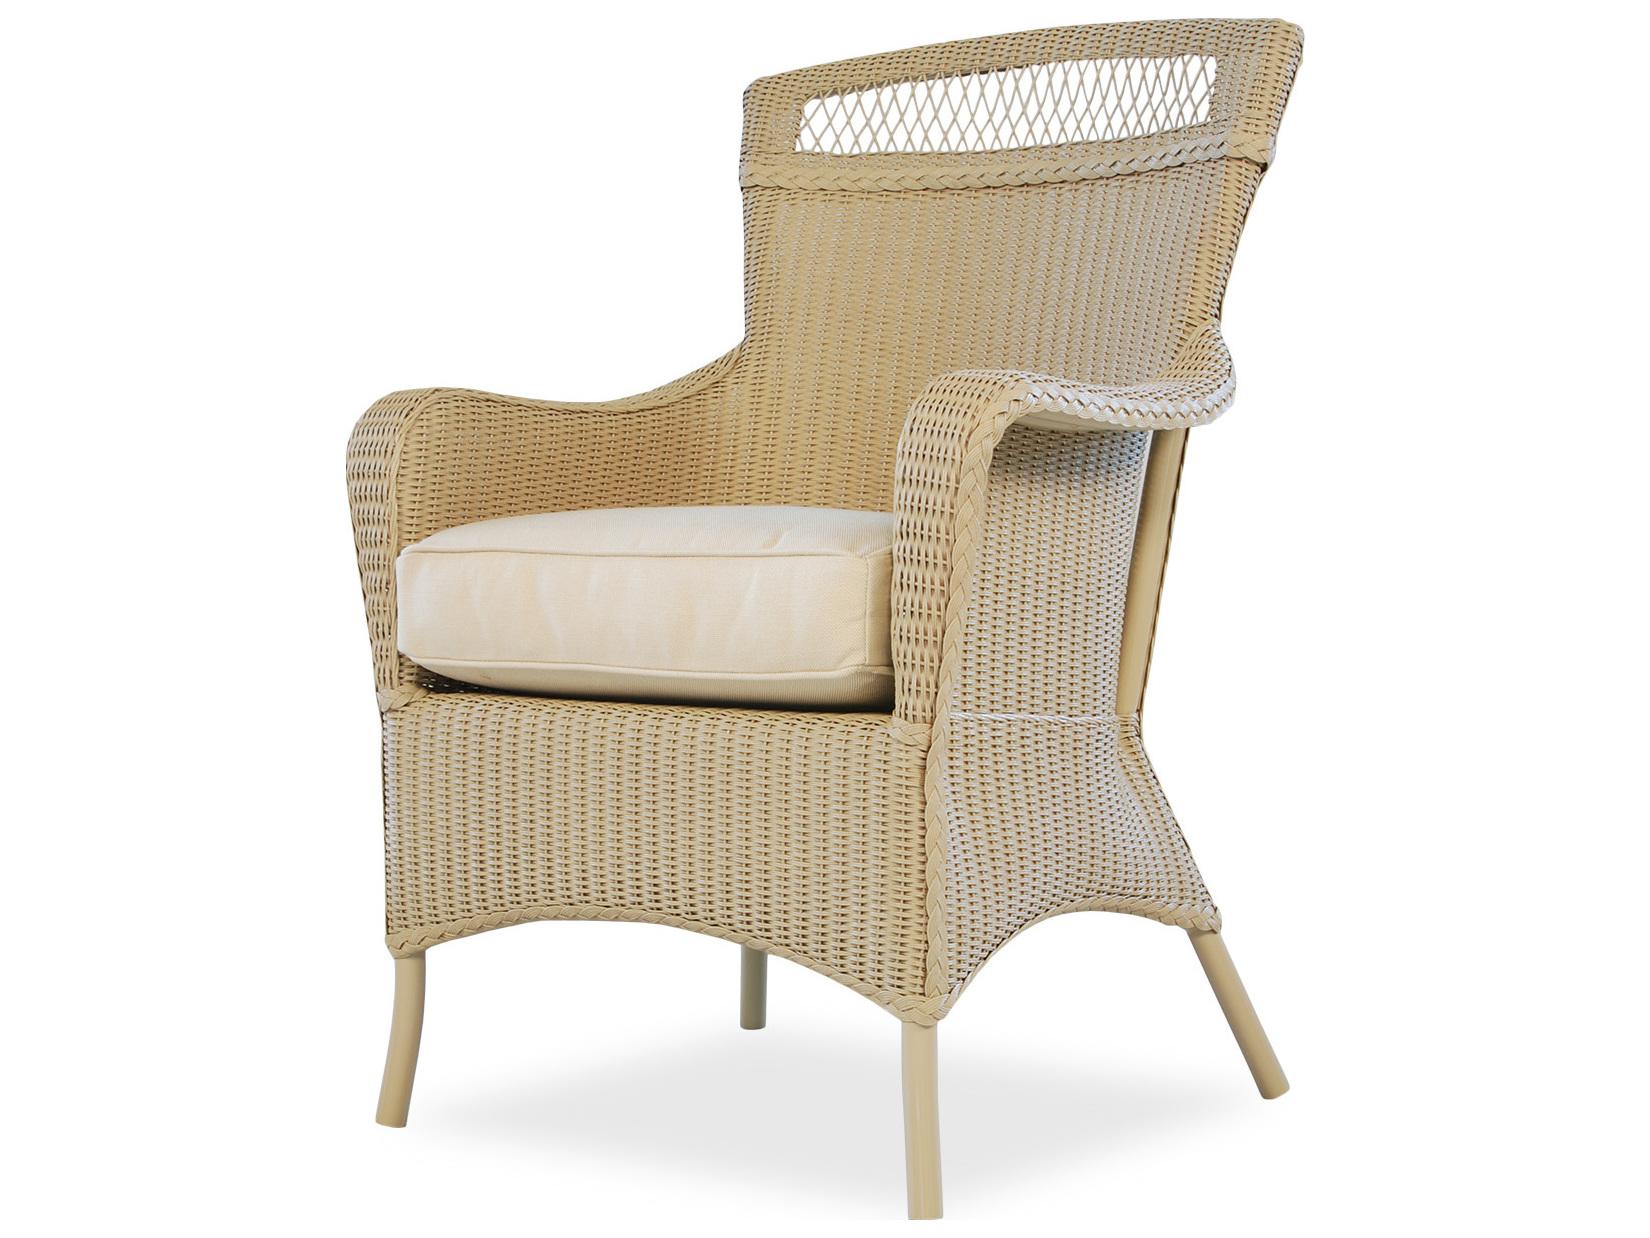 Lloyd Flanders Wicker Cushion Arm Dining Chair 66001